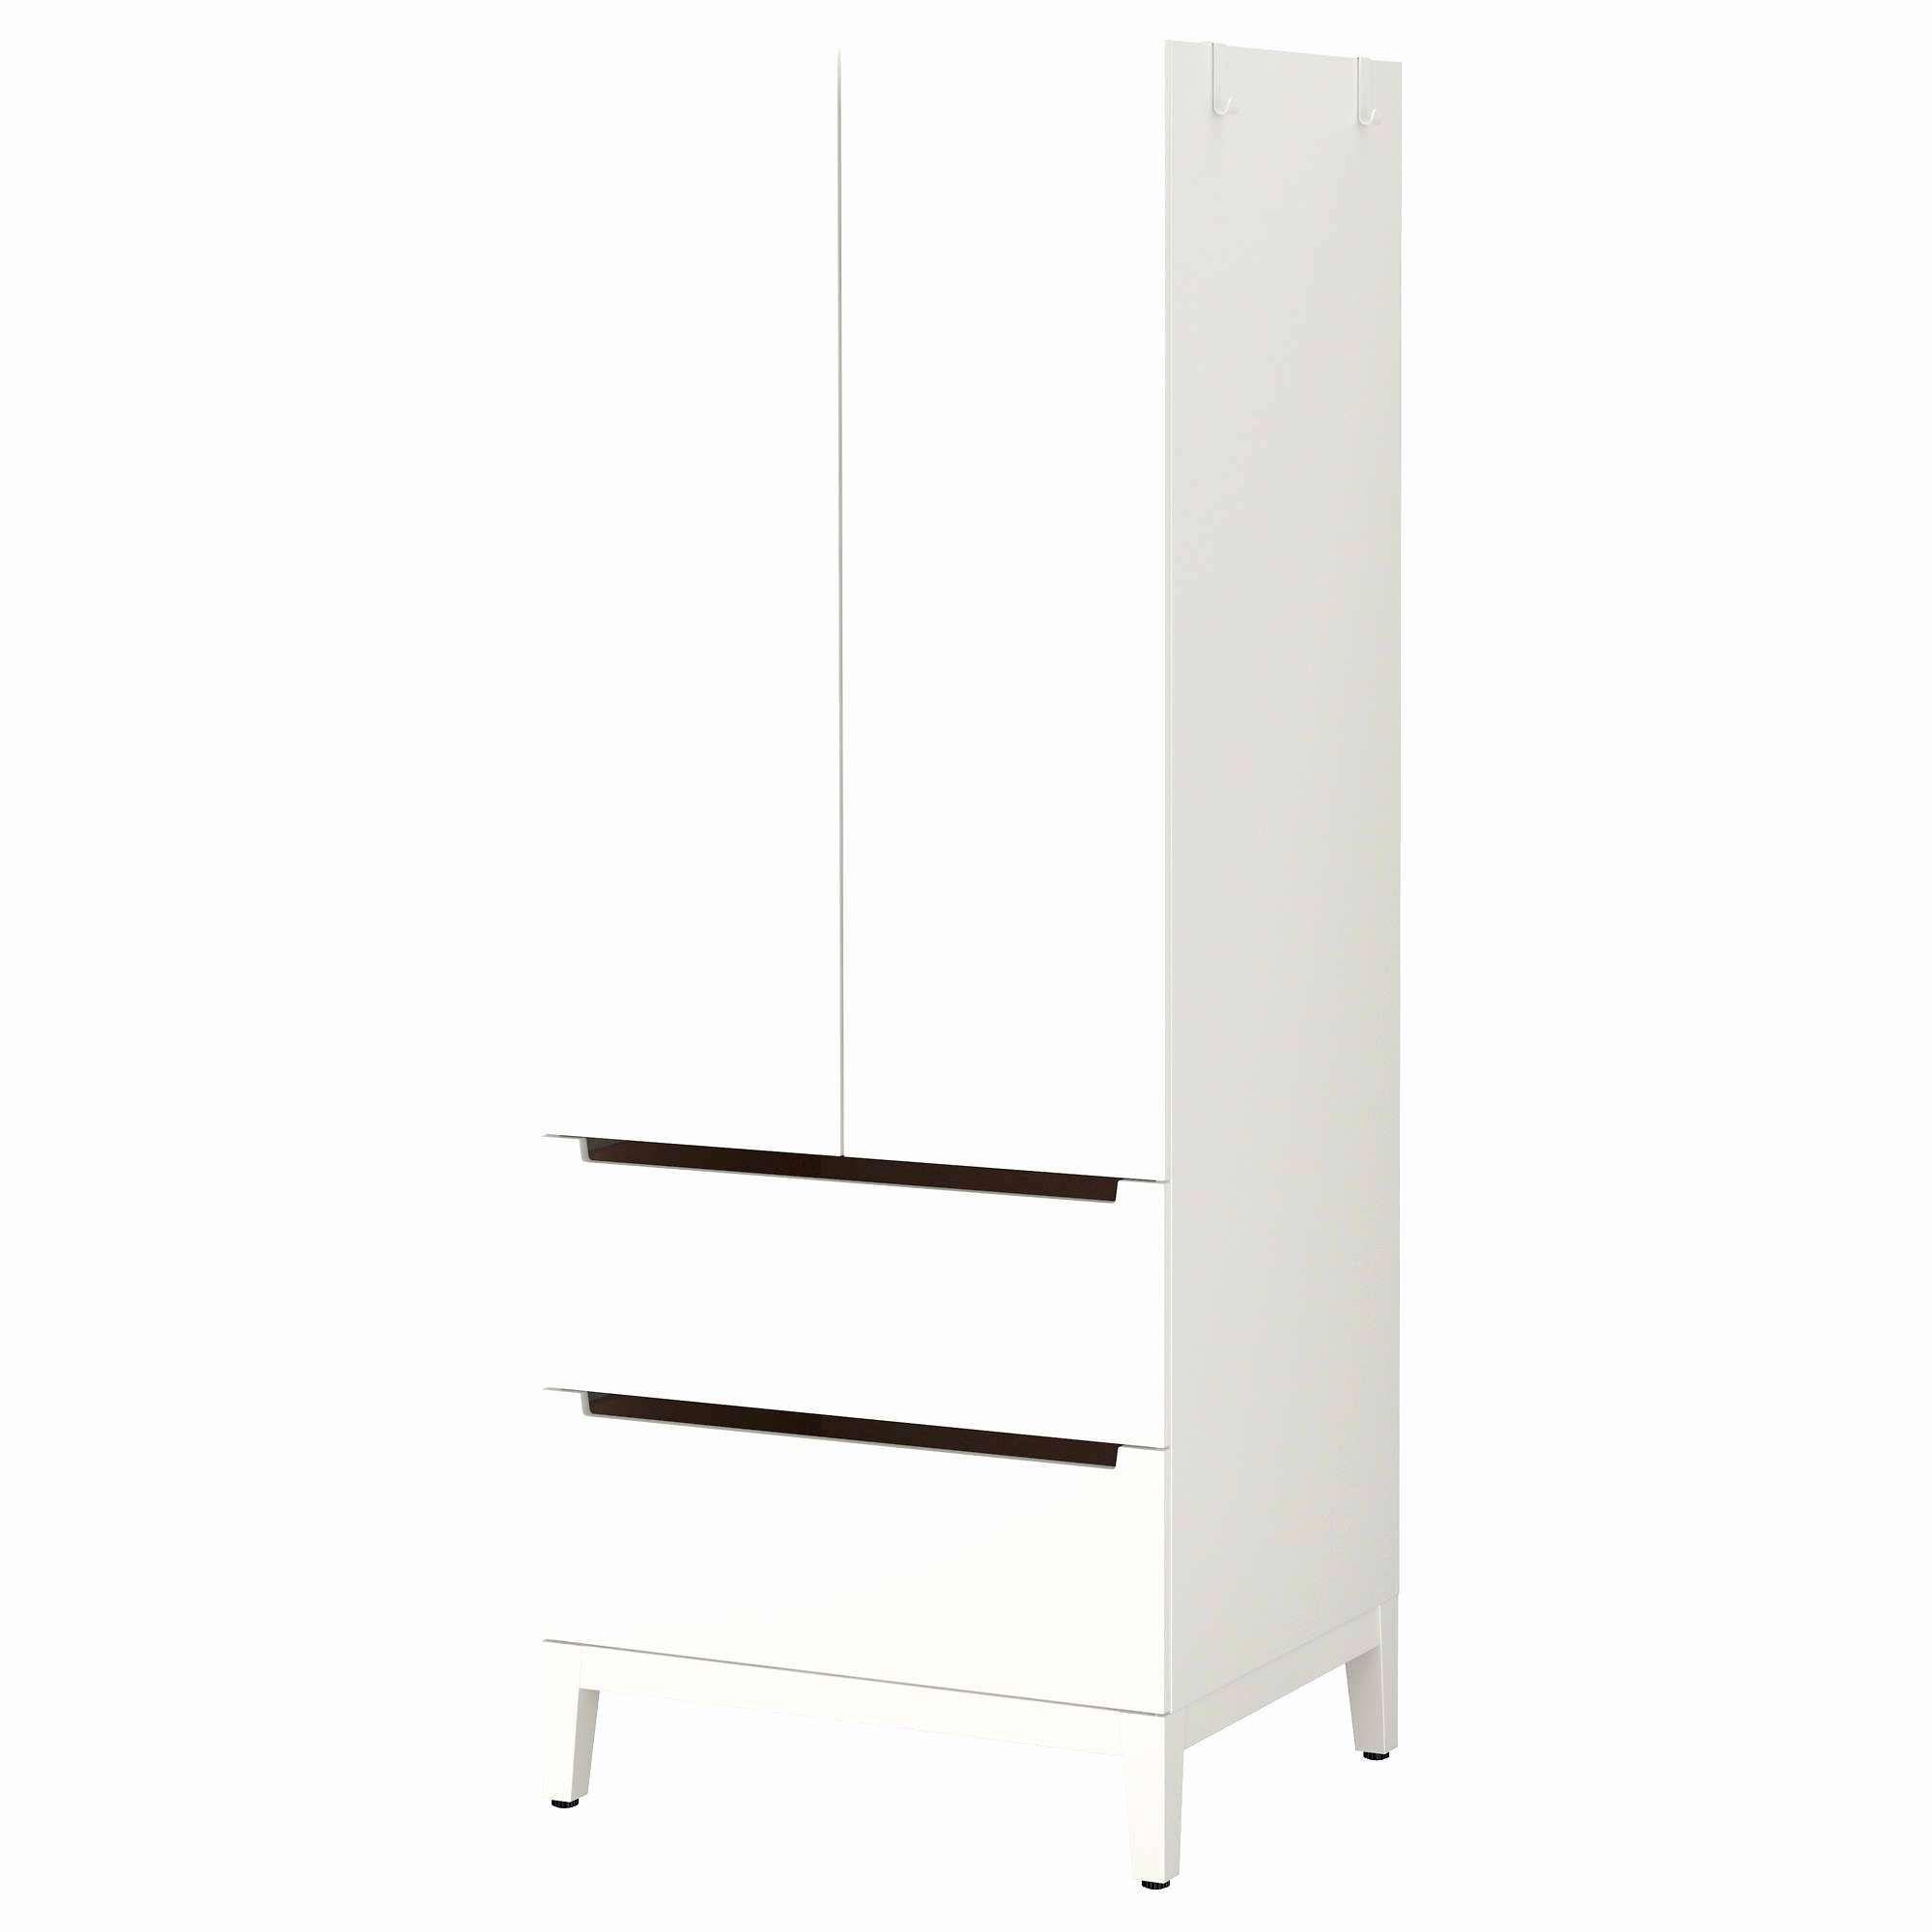 Sideboard 200 Cm Breit Schubladenkommode Wimex Neueste Sideboard